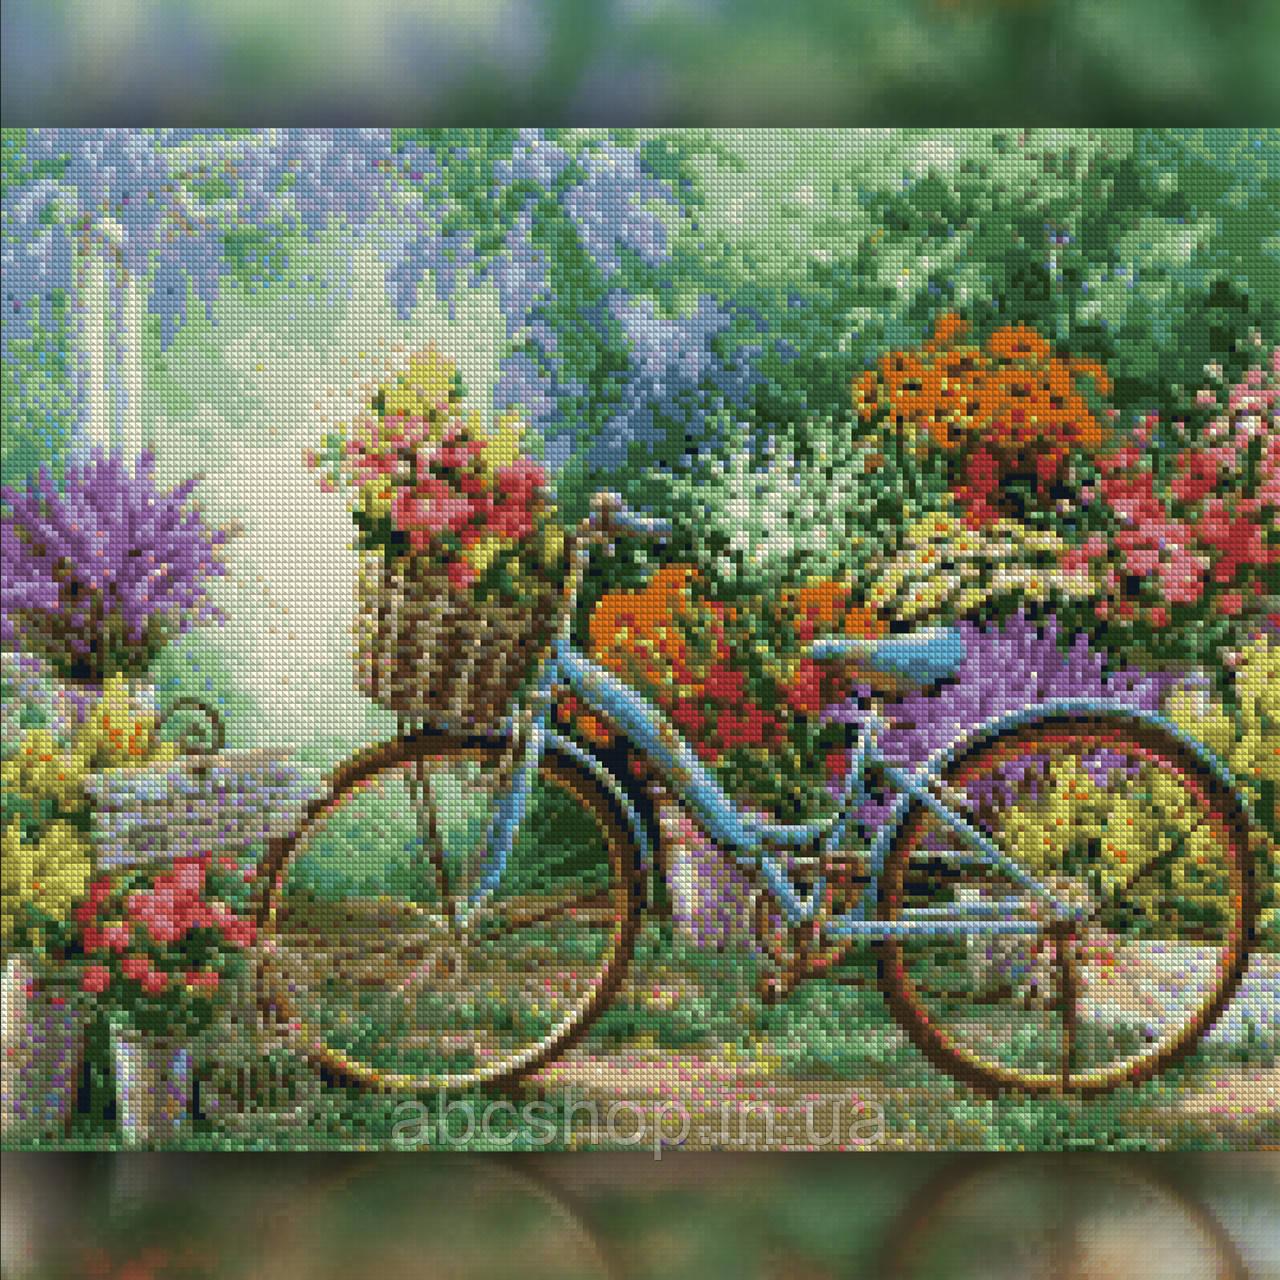 Алмазная вышивка Велосипед у цветочного сада 30x40 The Wortex Diamonds (TWD10042)